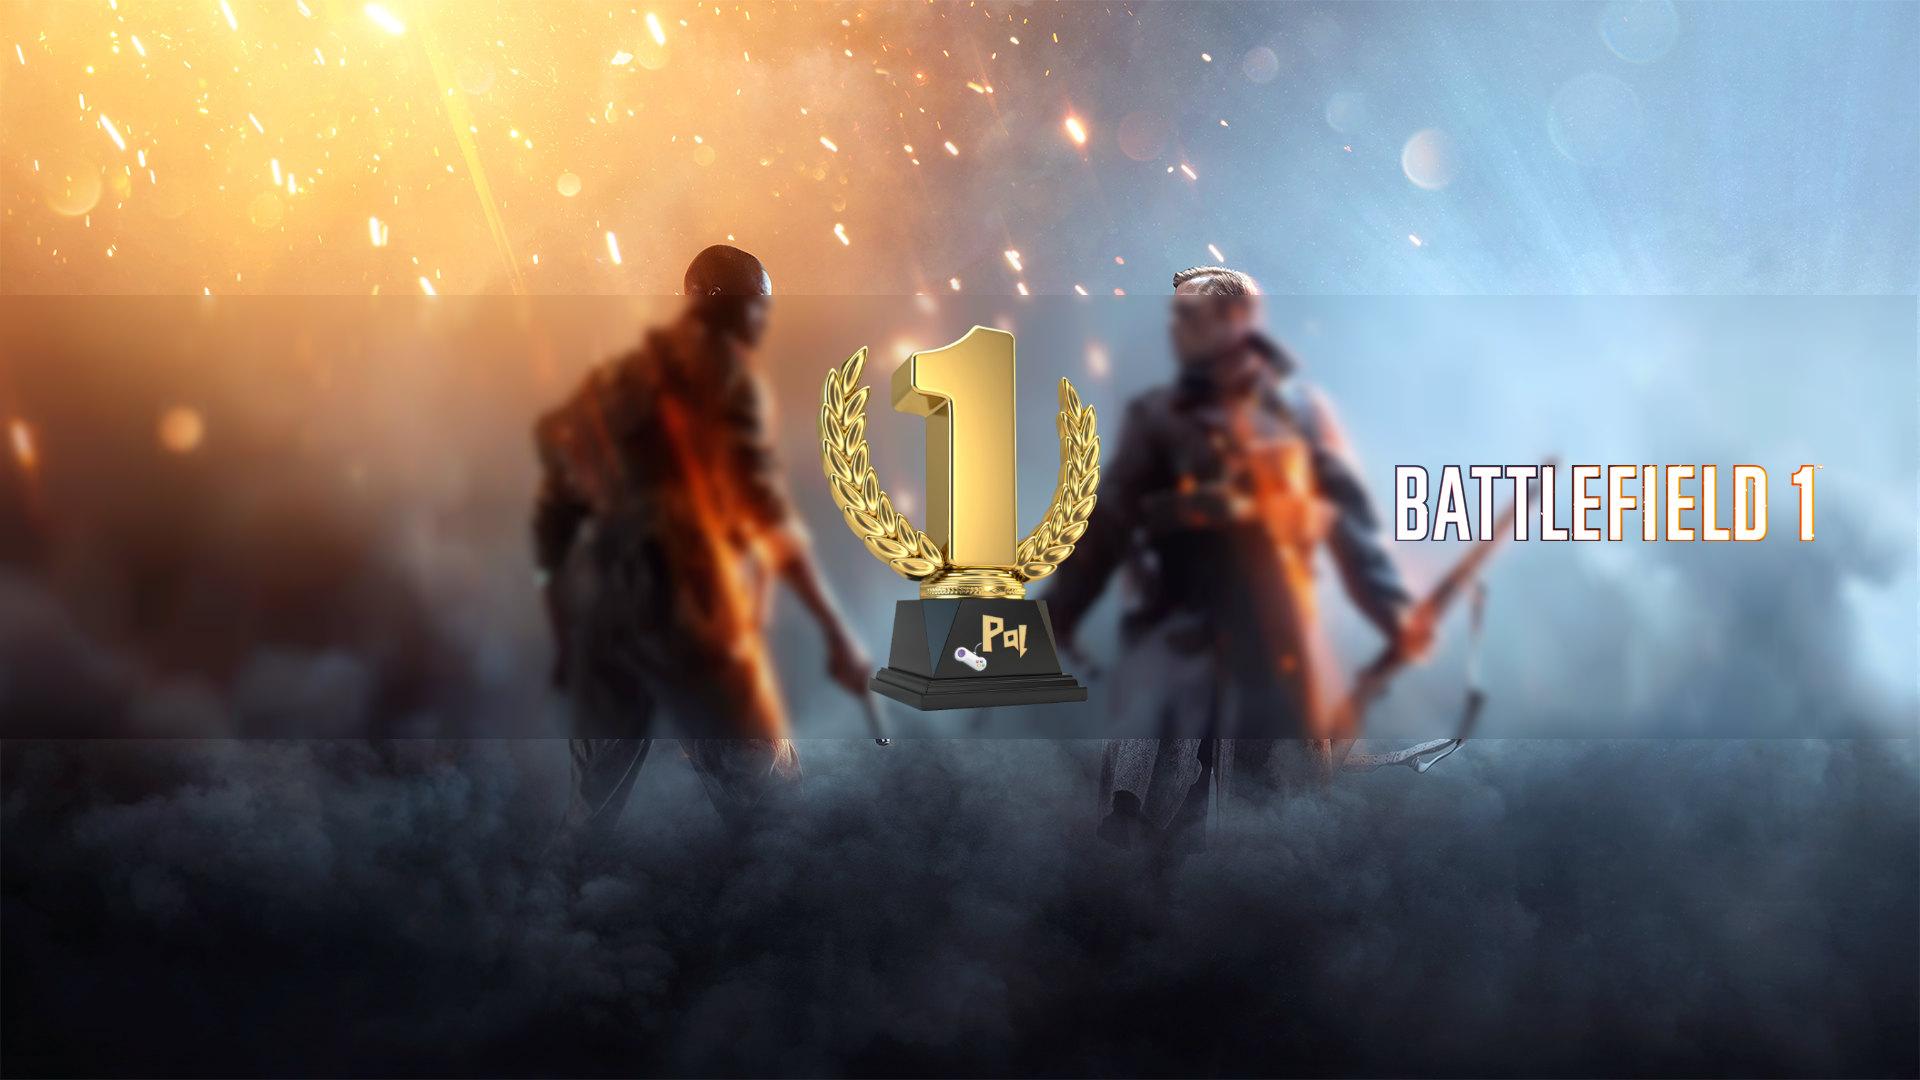 battlefield_1-Twitter.jpg